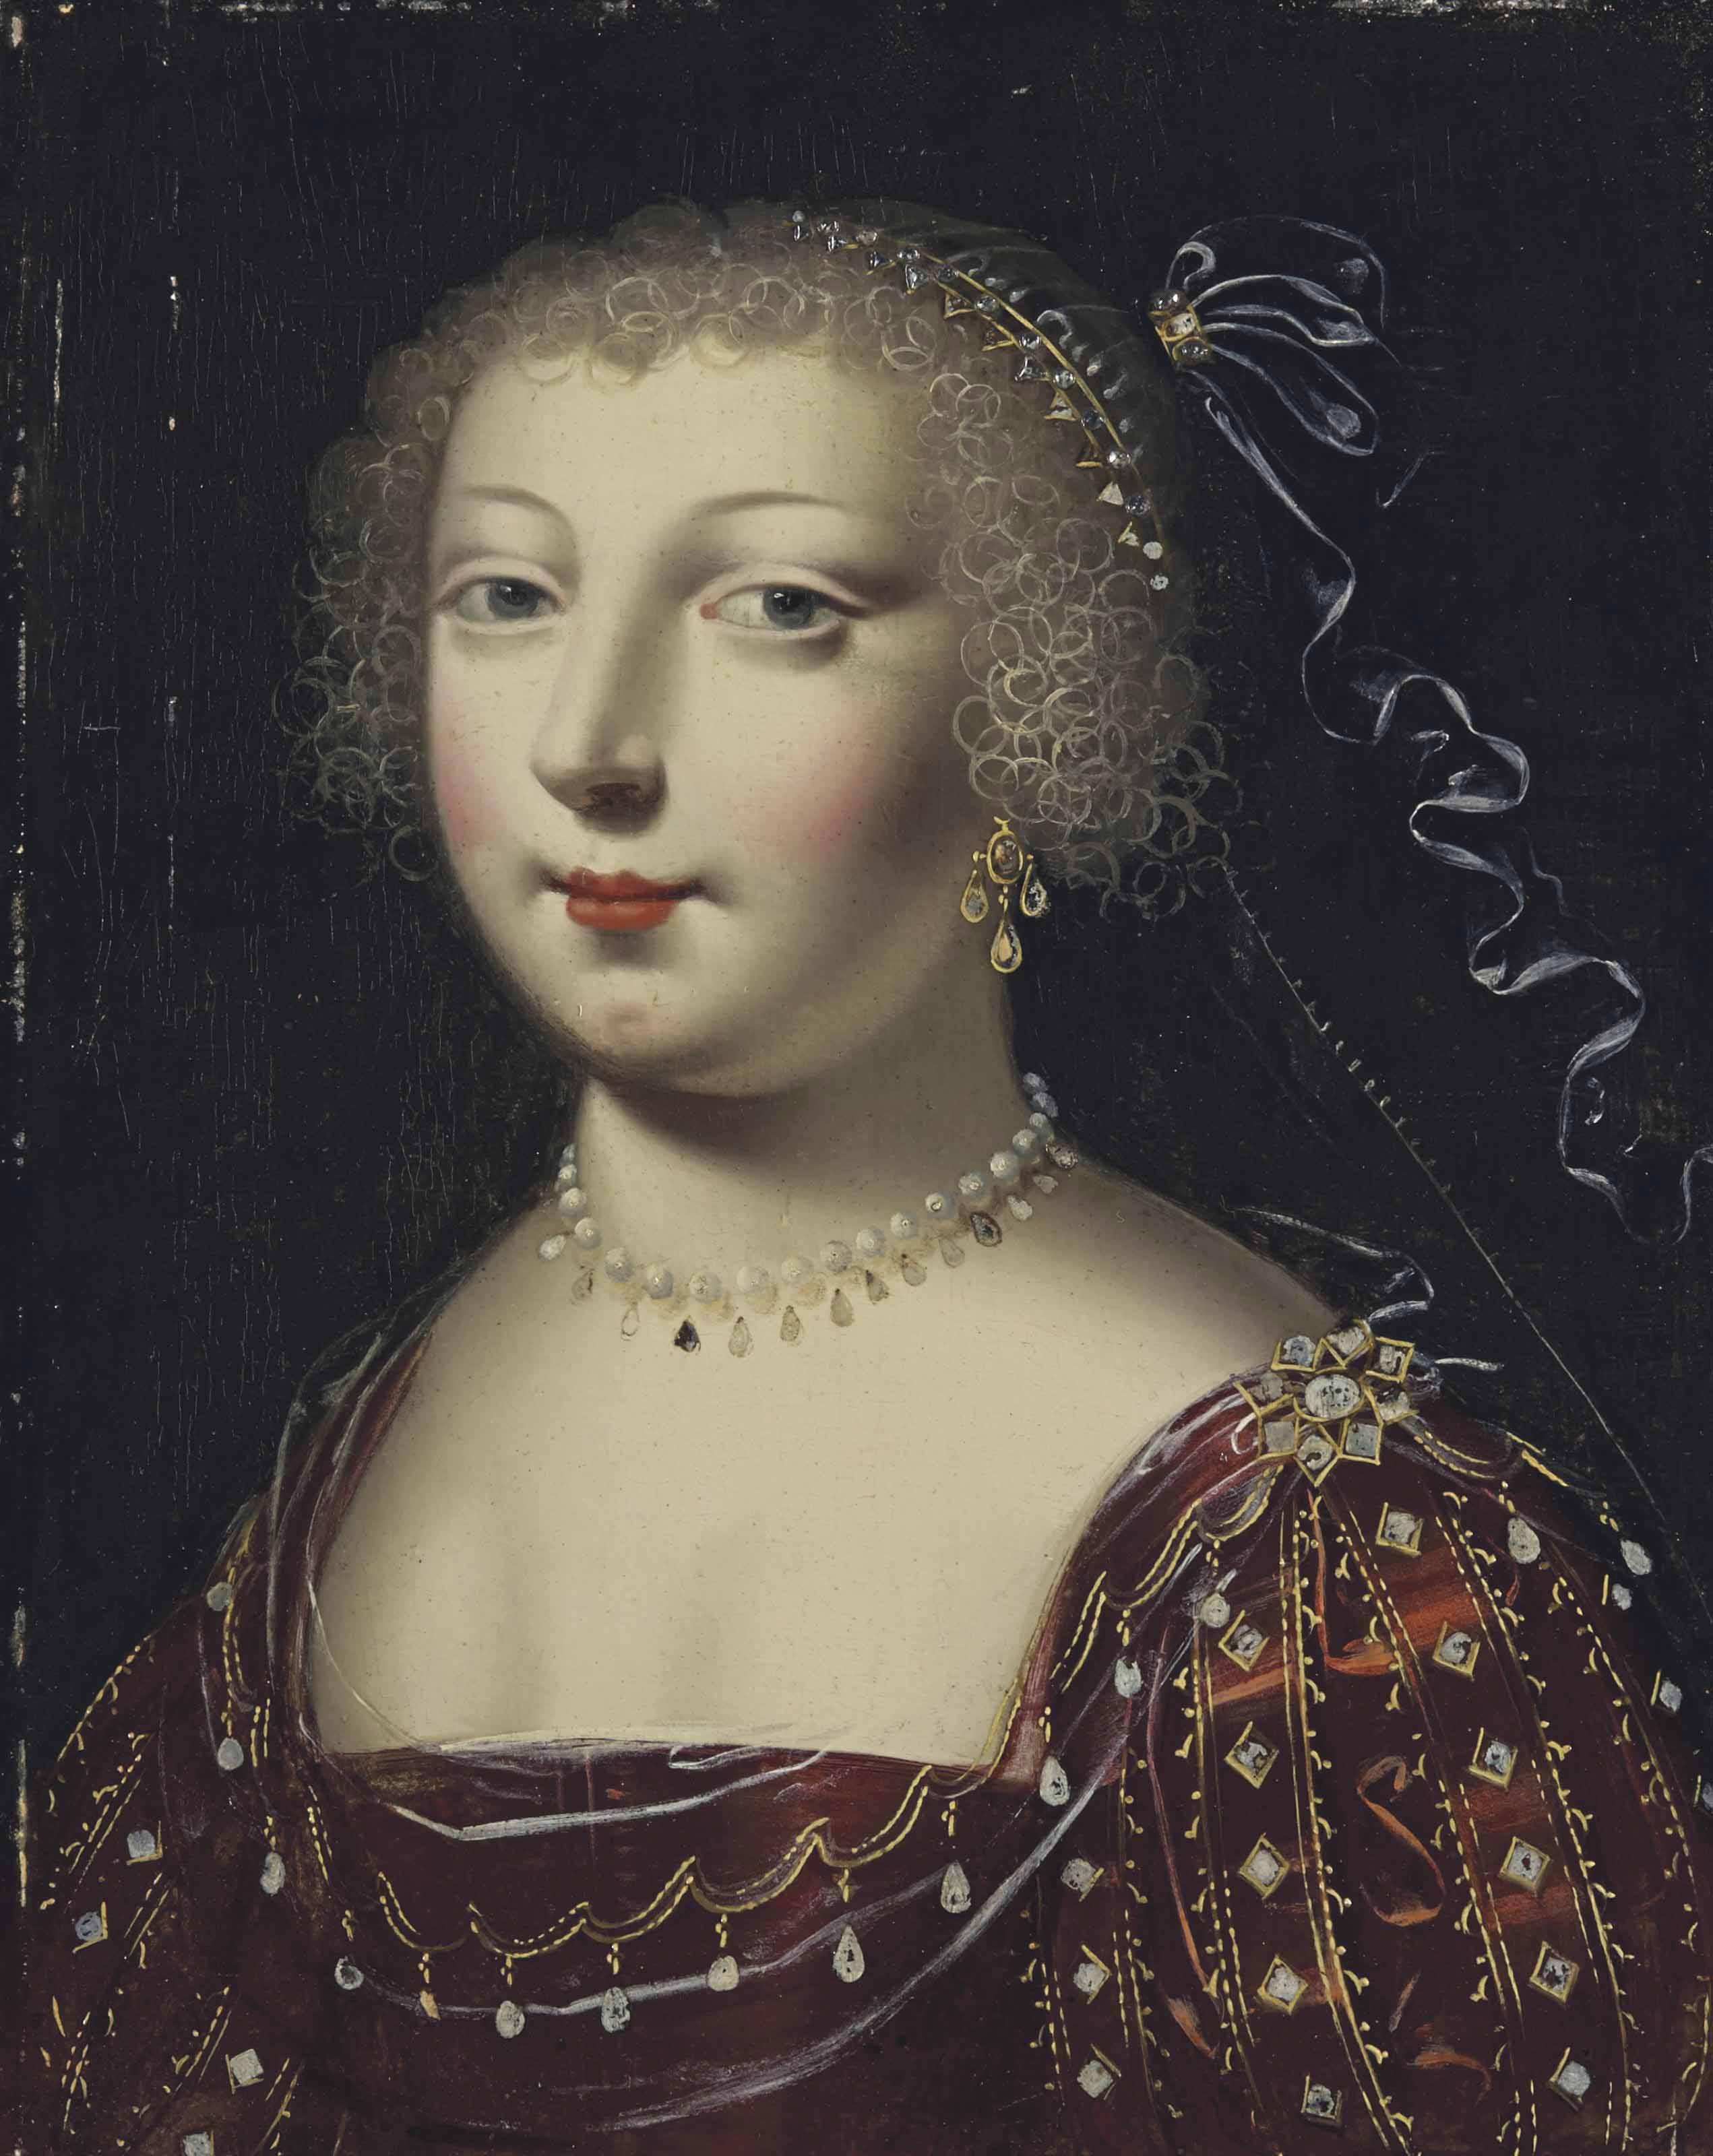 Portrait de femme à la robe pourpre